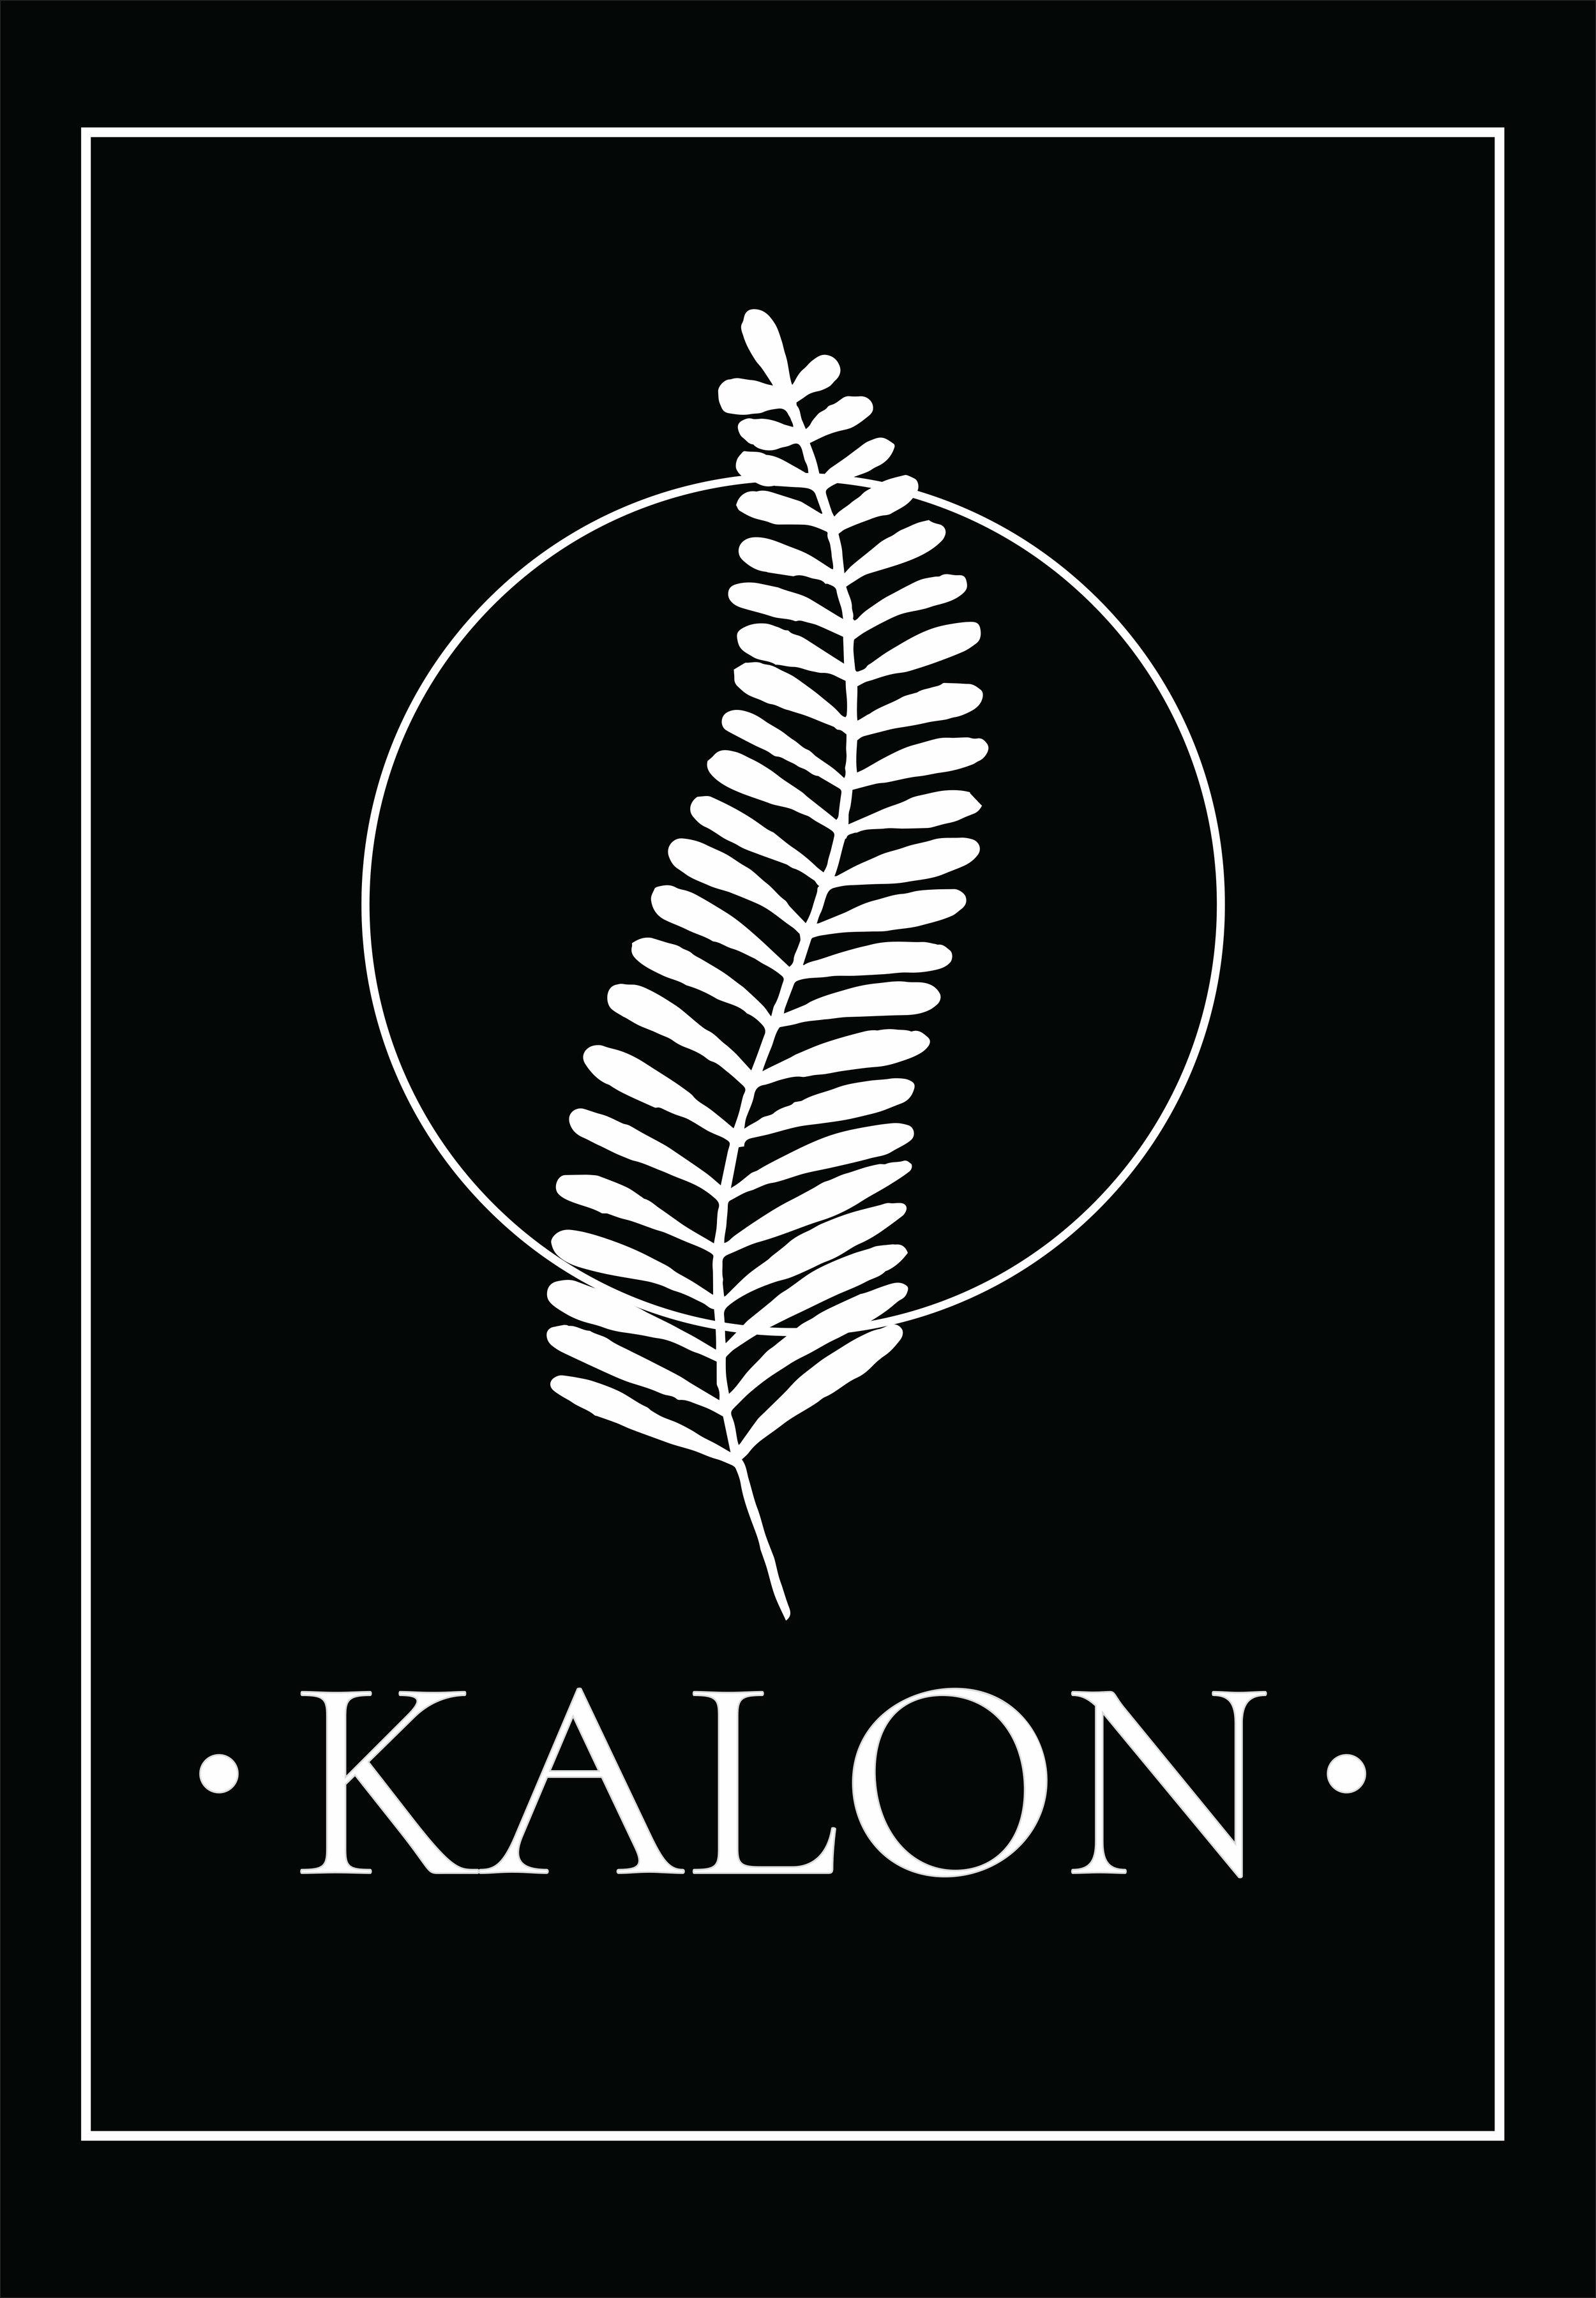 KalonLogo(Secondary)-2.jpg